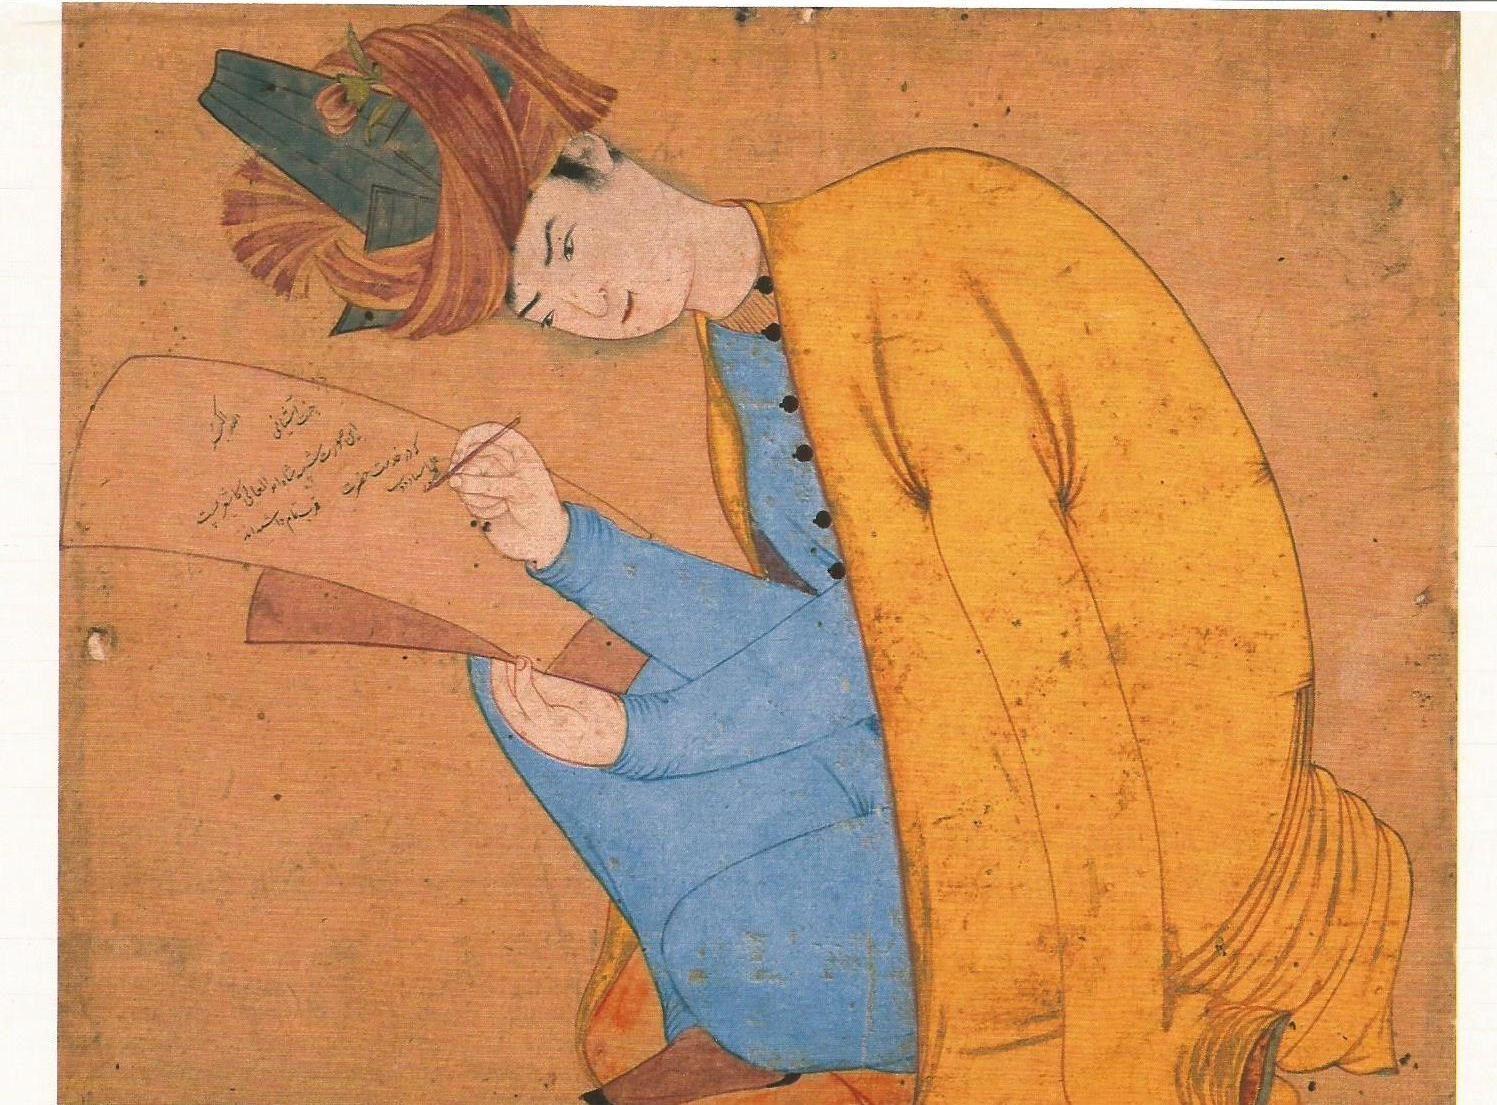 """Anonyme, """"Portrait de Shâh Abu al-Ma'âli"""", Inde 1556"""